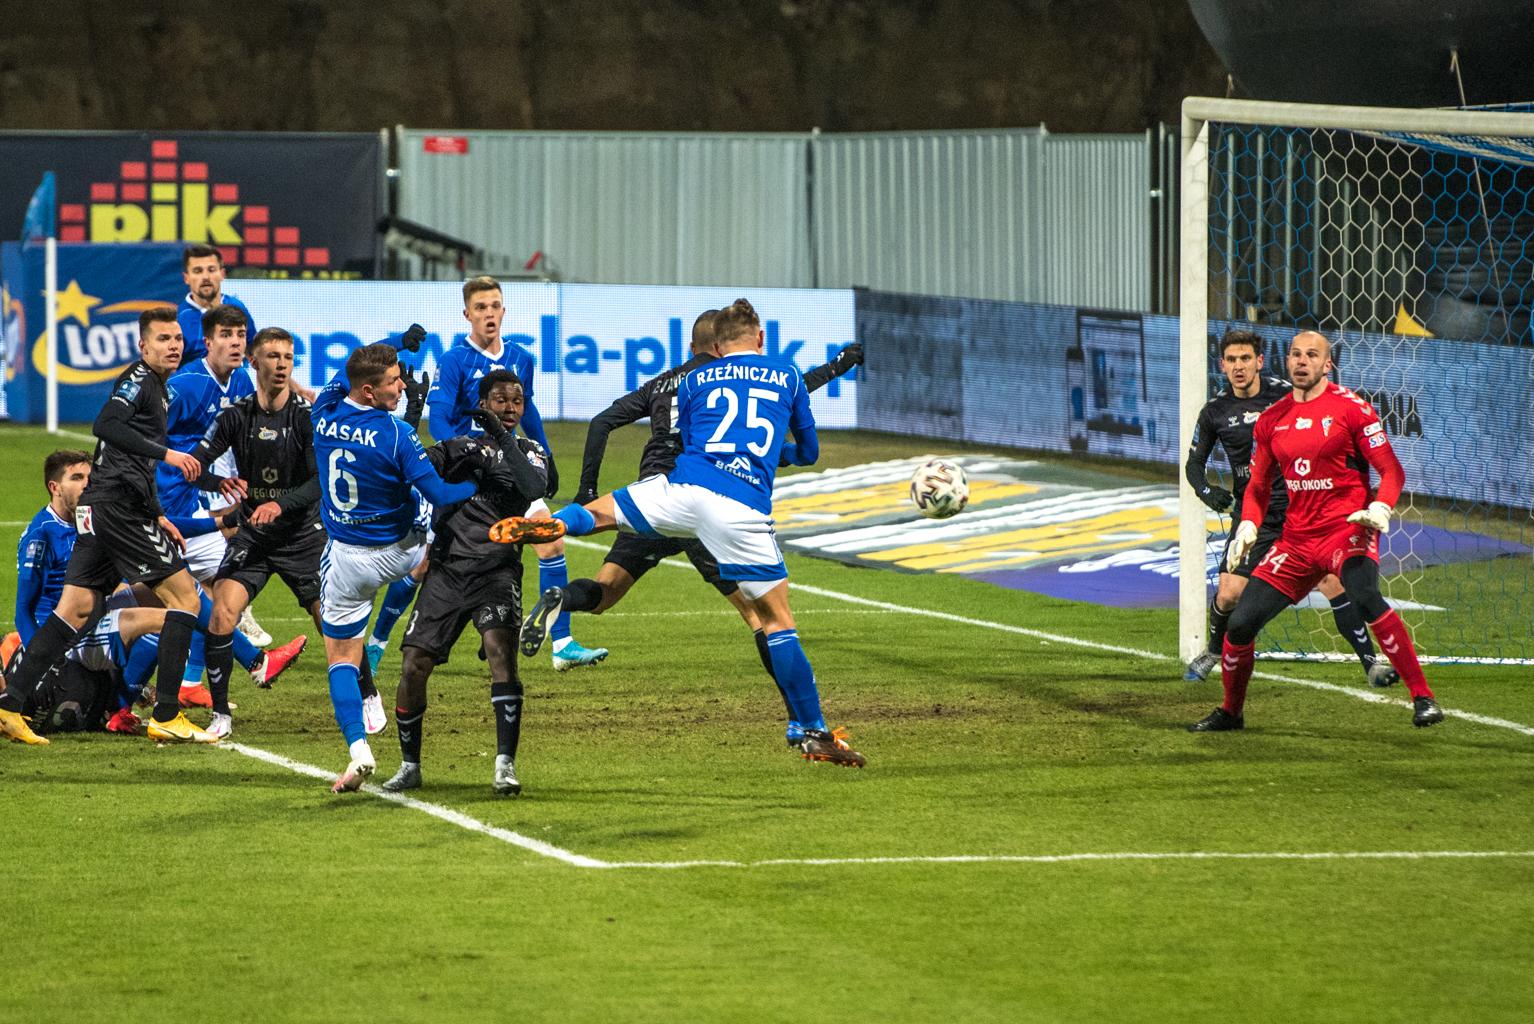 Wisła kontynuuje passę niestrzelania bramek przy Łukasiewicza 34. Porażka z Górnikiem  - Zdjęcie główne